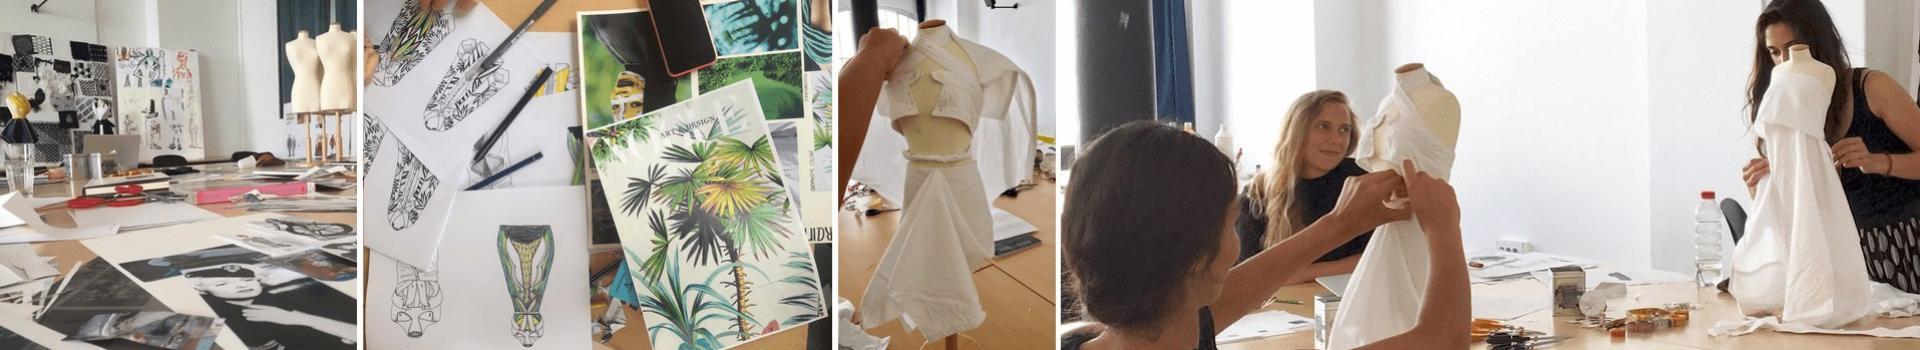 Atelier découverte stylisme de mode